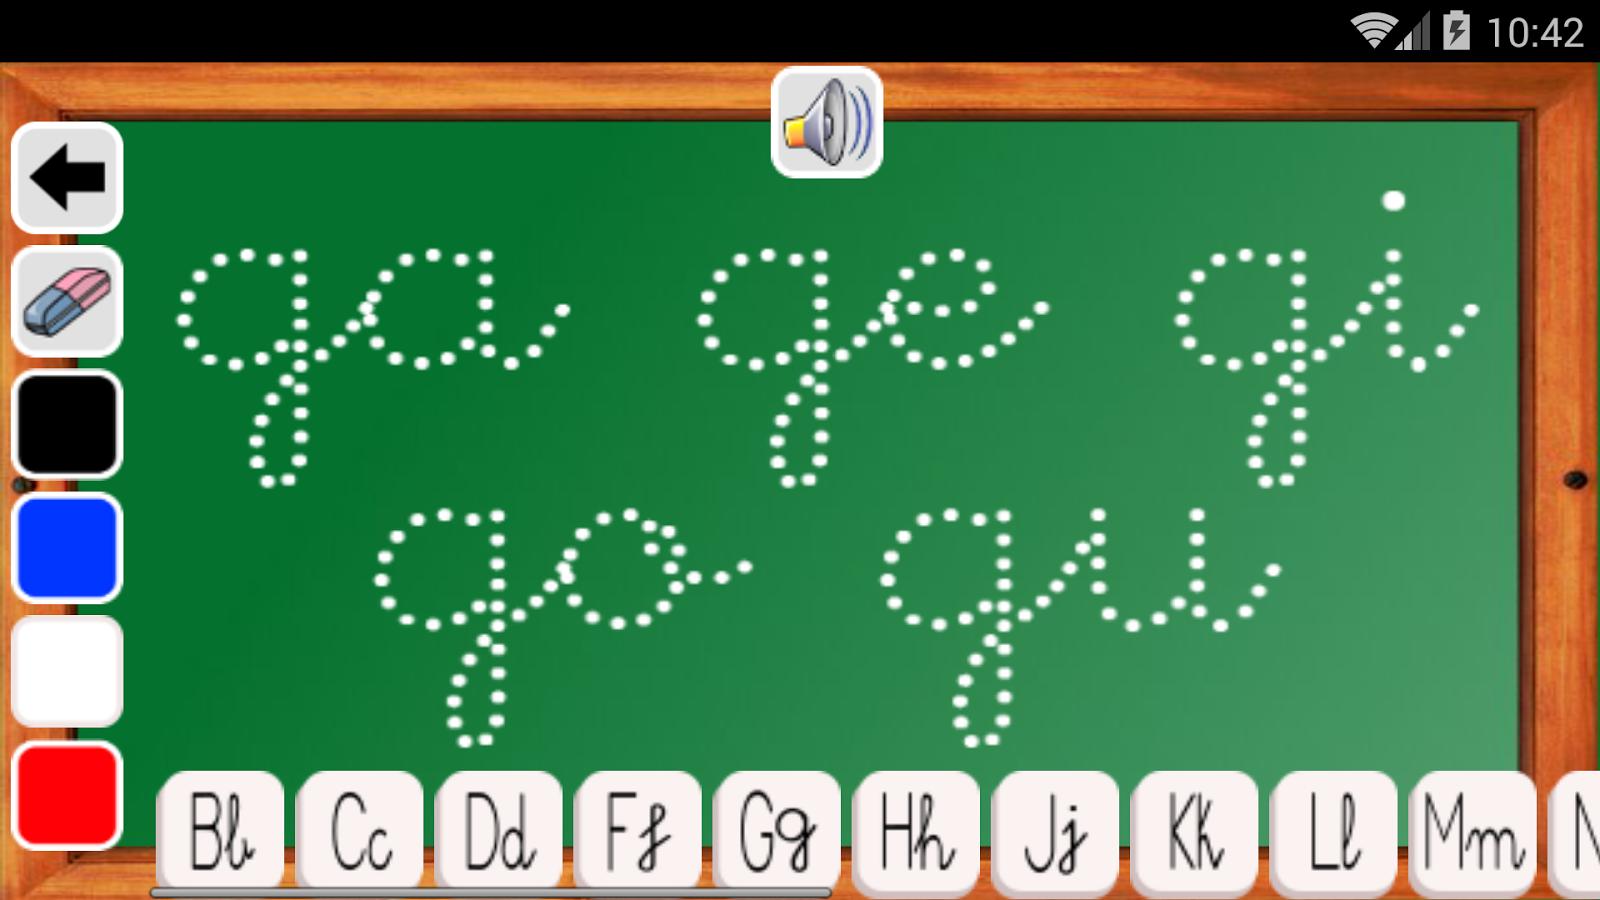 Aprender a leer y escribir  Aplicaciones de Android en Google Play